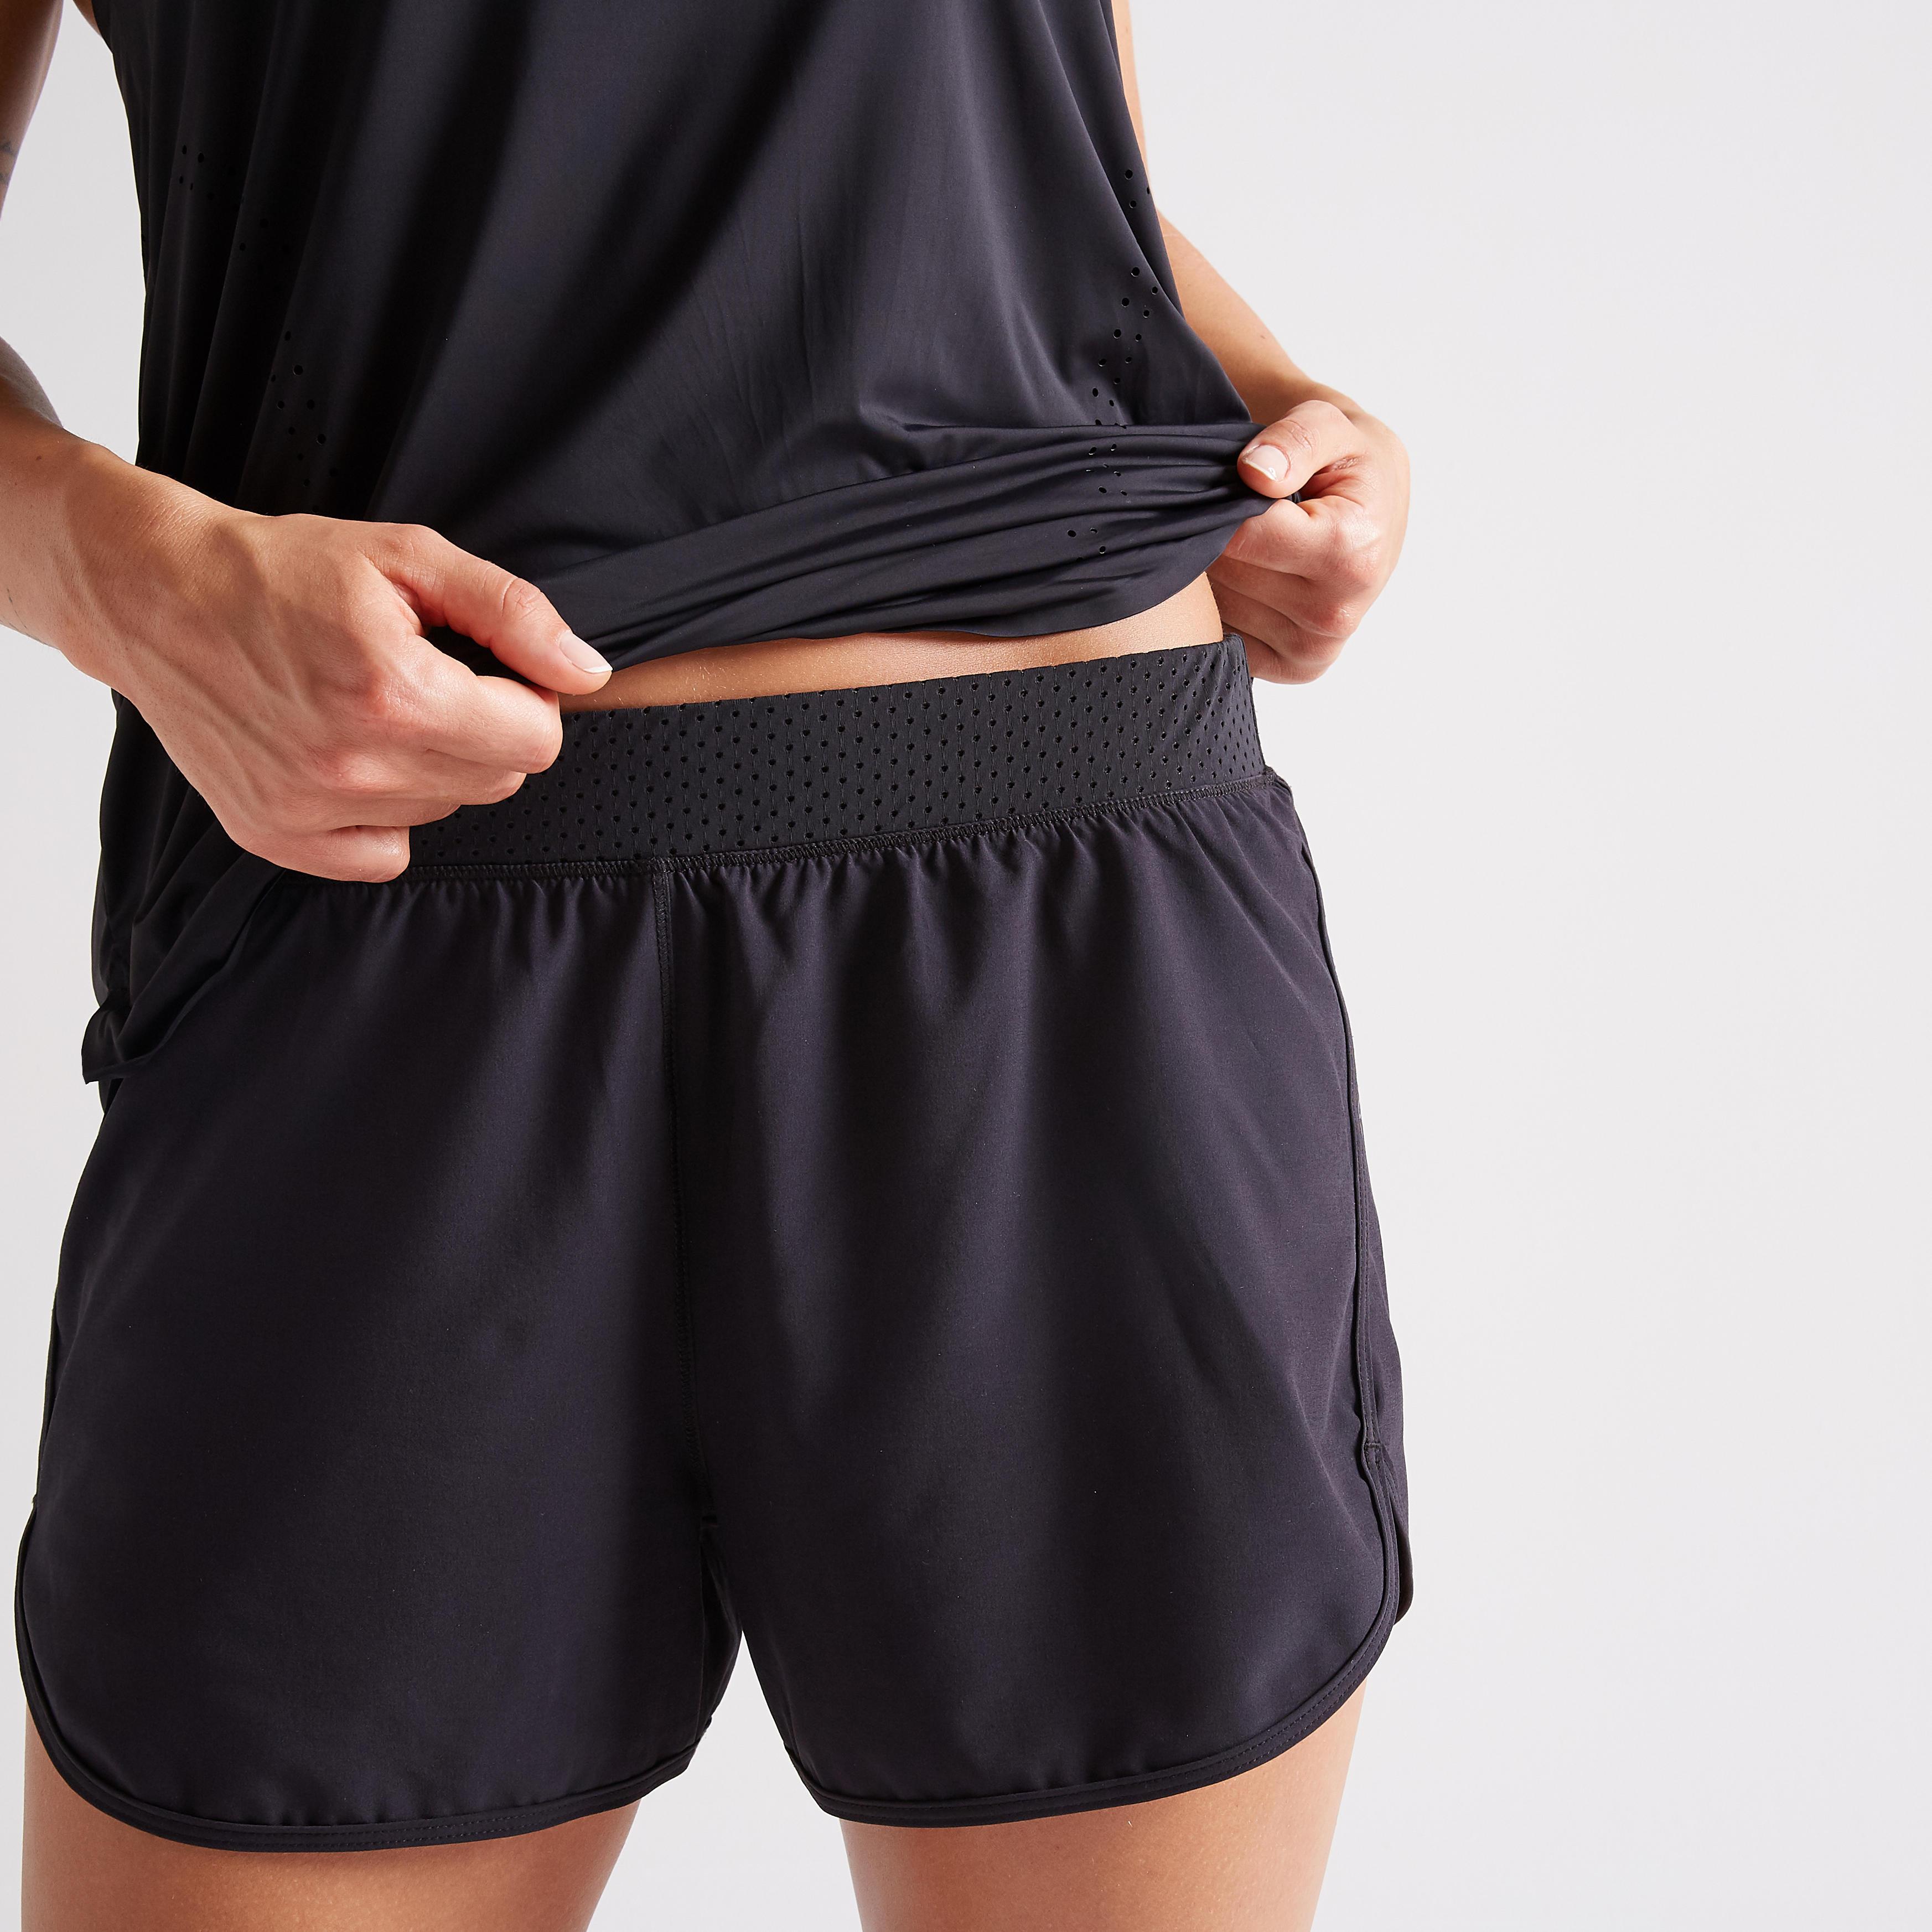 Pantalon scurt Fitness Damă